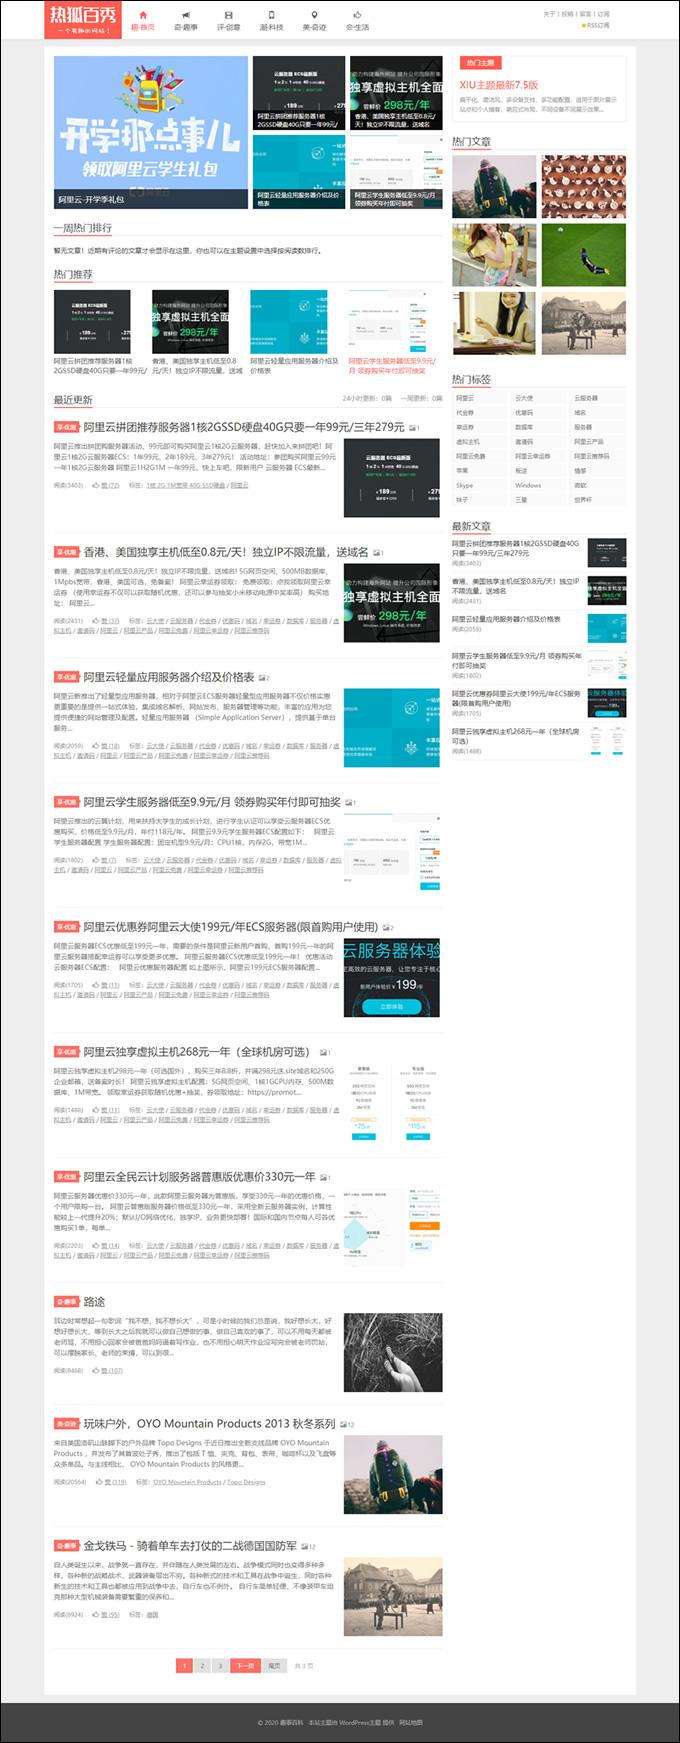 阿里百秀XIU_v7.7模板wordpress经典模板适合各类自媒体各类新闻资讯文章类网站自适应插图1